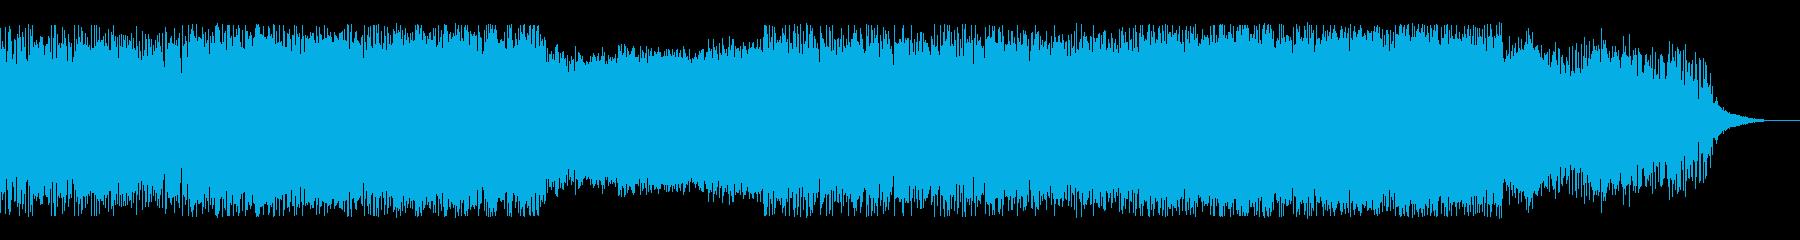 LoFiでダークでダーティなテクノですの再生済みの波形